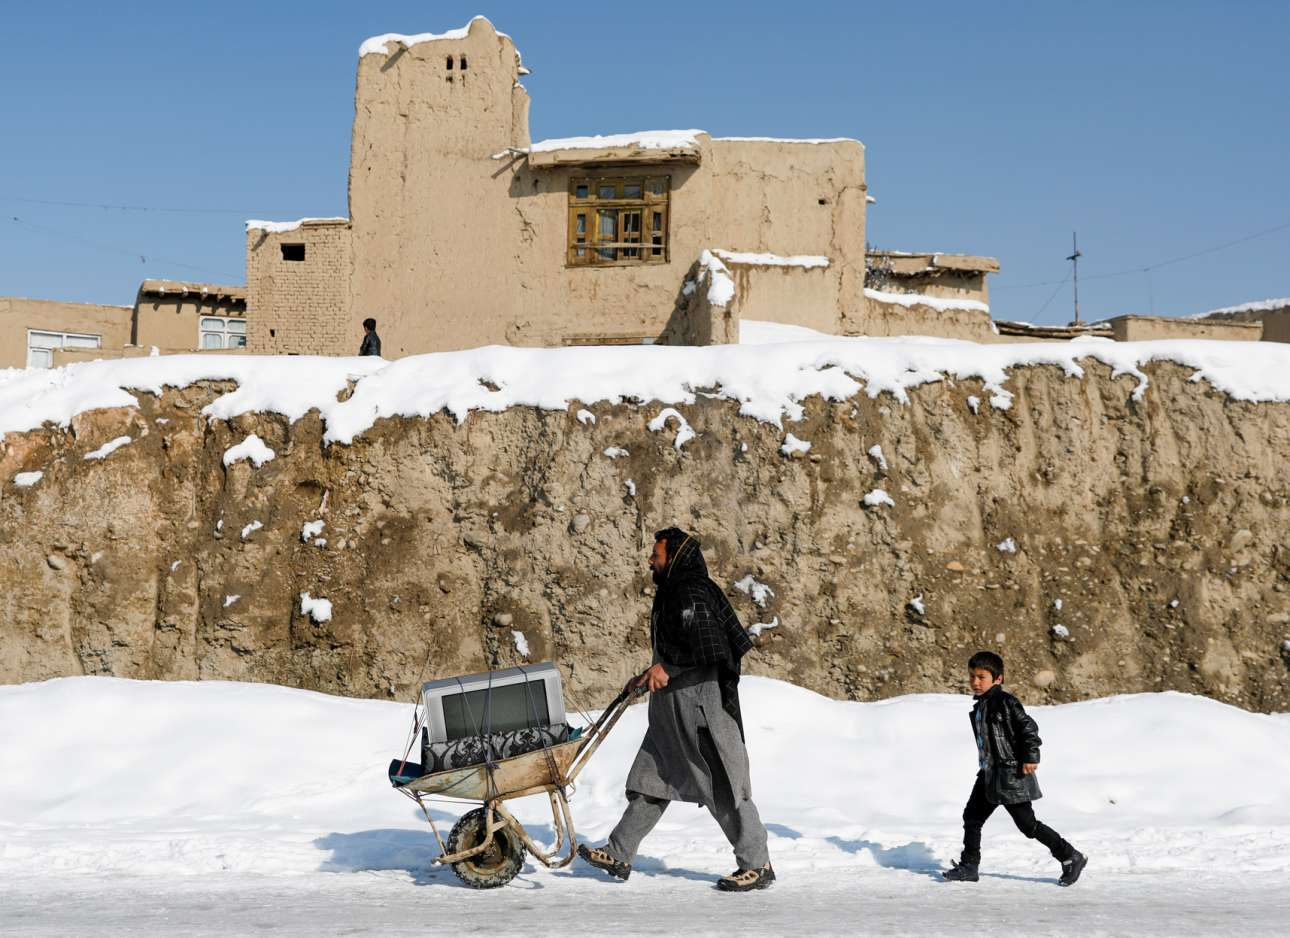 Μεταφορά τηλεόρασης με ένα καροτσάκι της οικοδομής στη χιονισμένη Καμπούλ